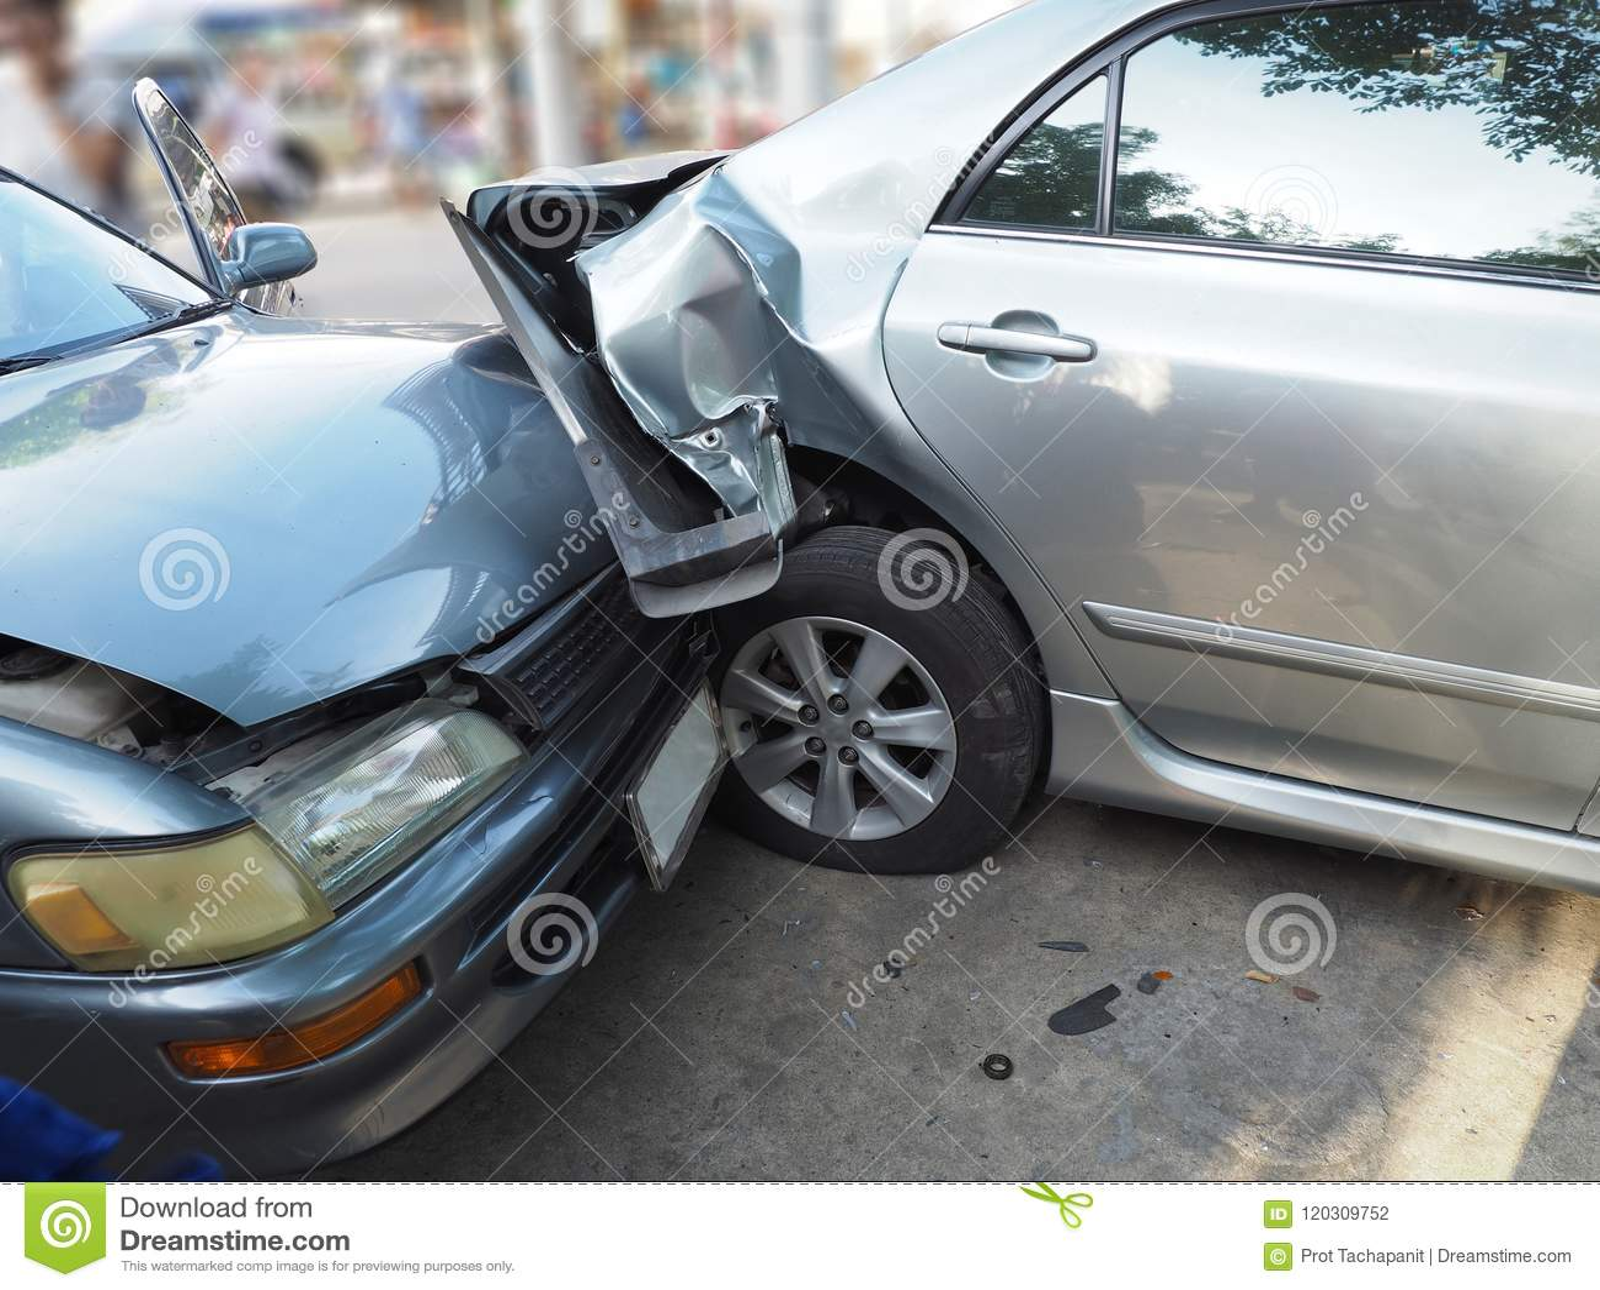 Autounfallunfall auf Straße mit Wrack und schädigenden Automobilen Unfall verursacht durch Nachlässigkeit und Mangel an Fähigkeit